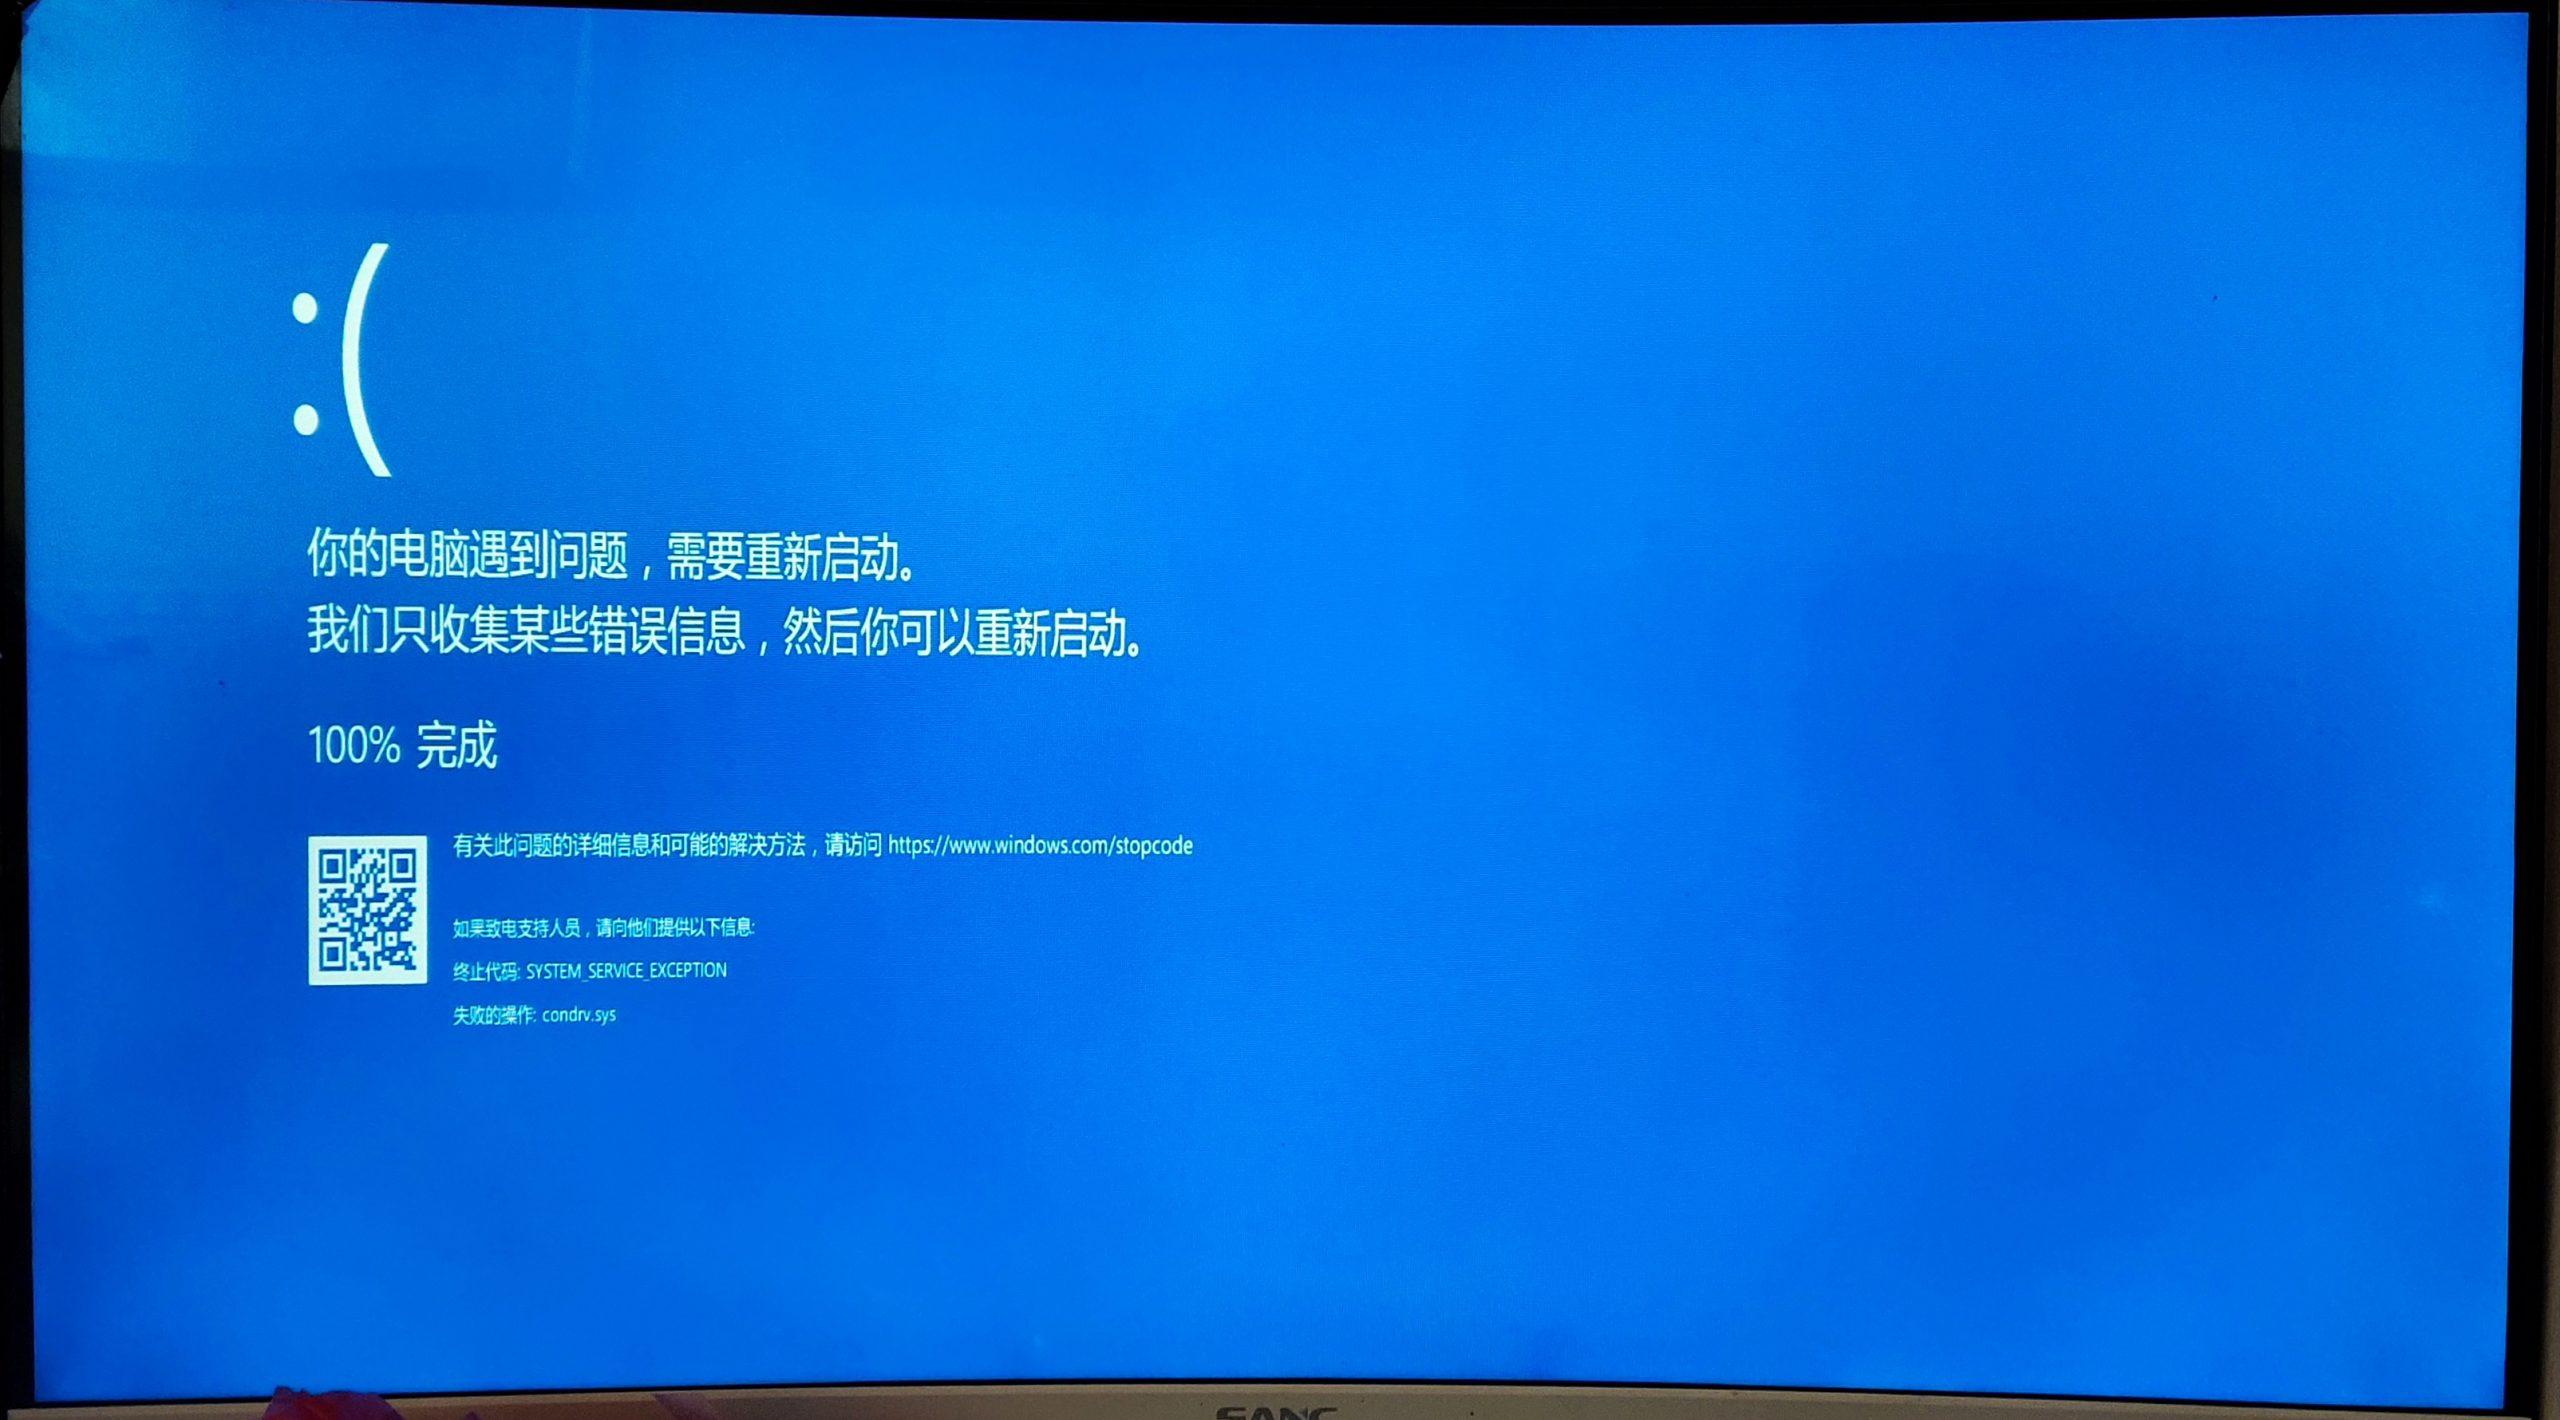 Windows10最新蓝屏漏洞代码